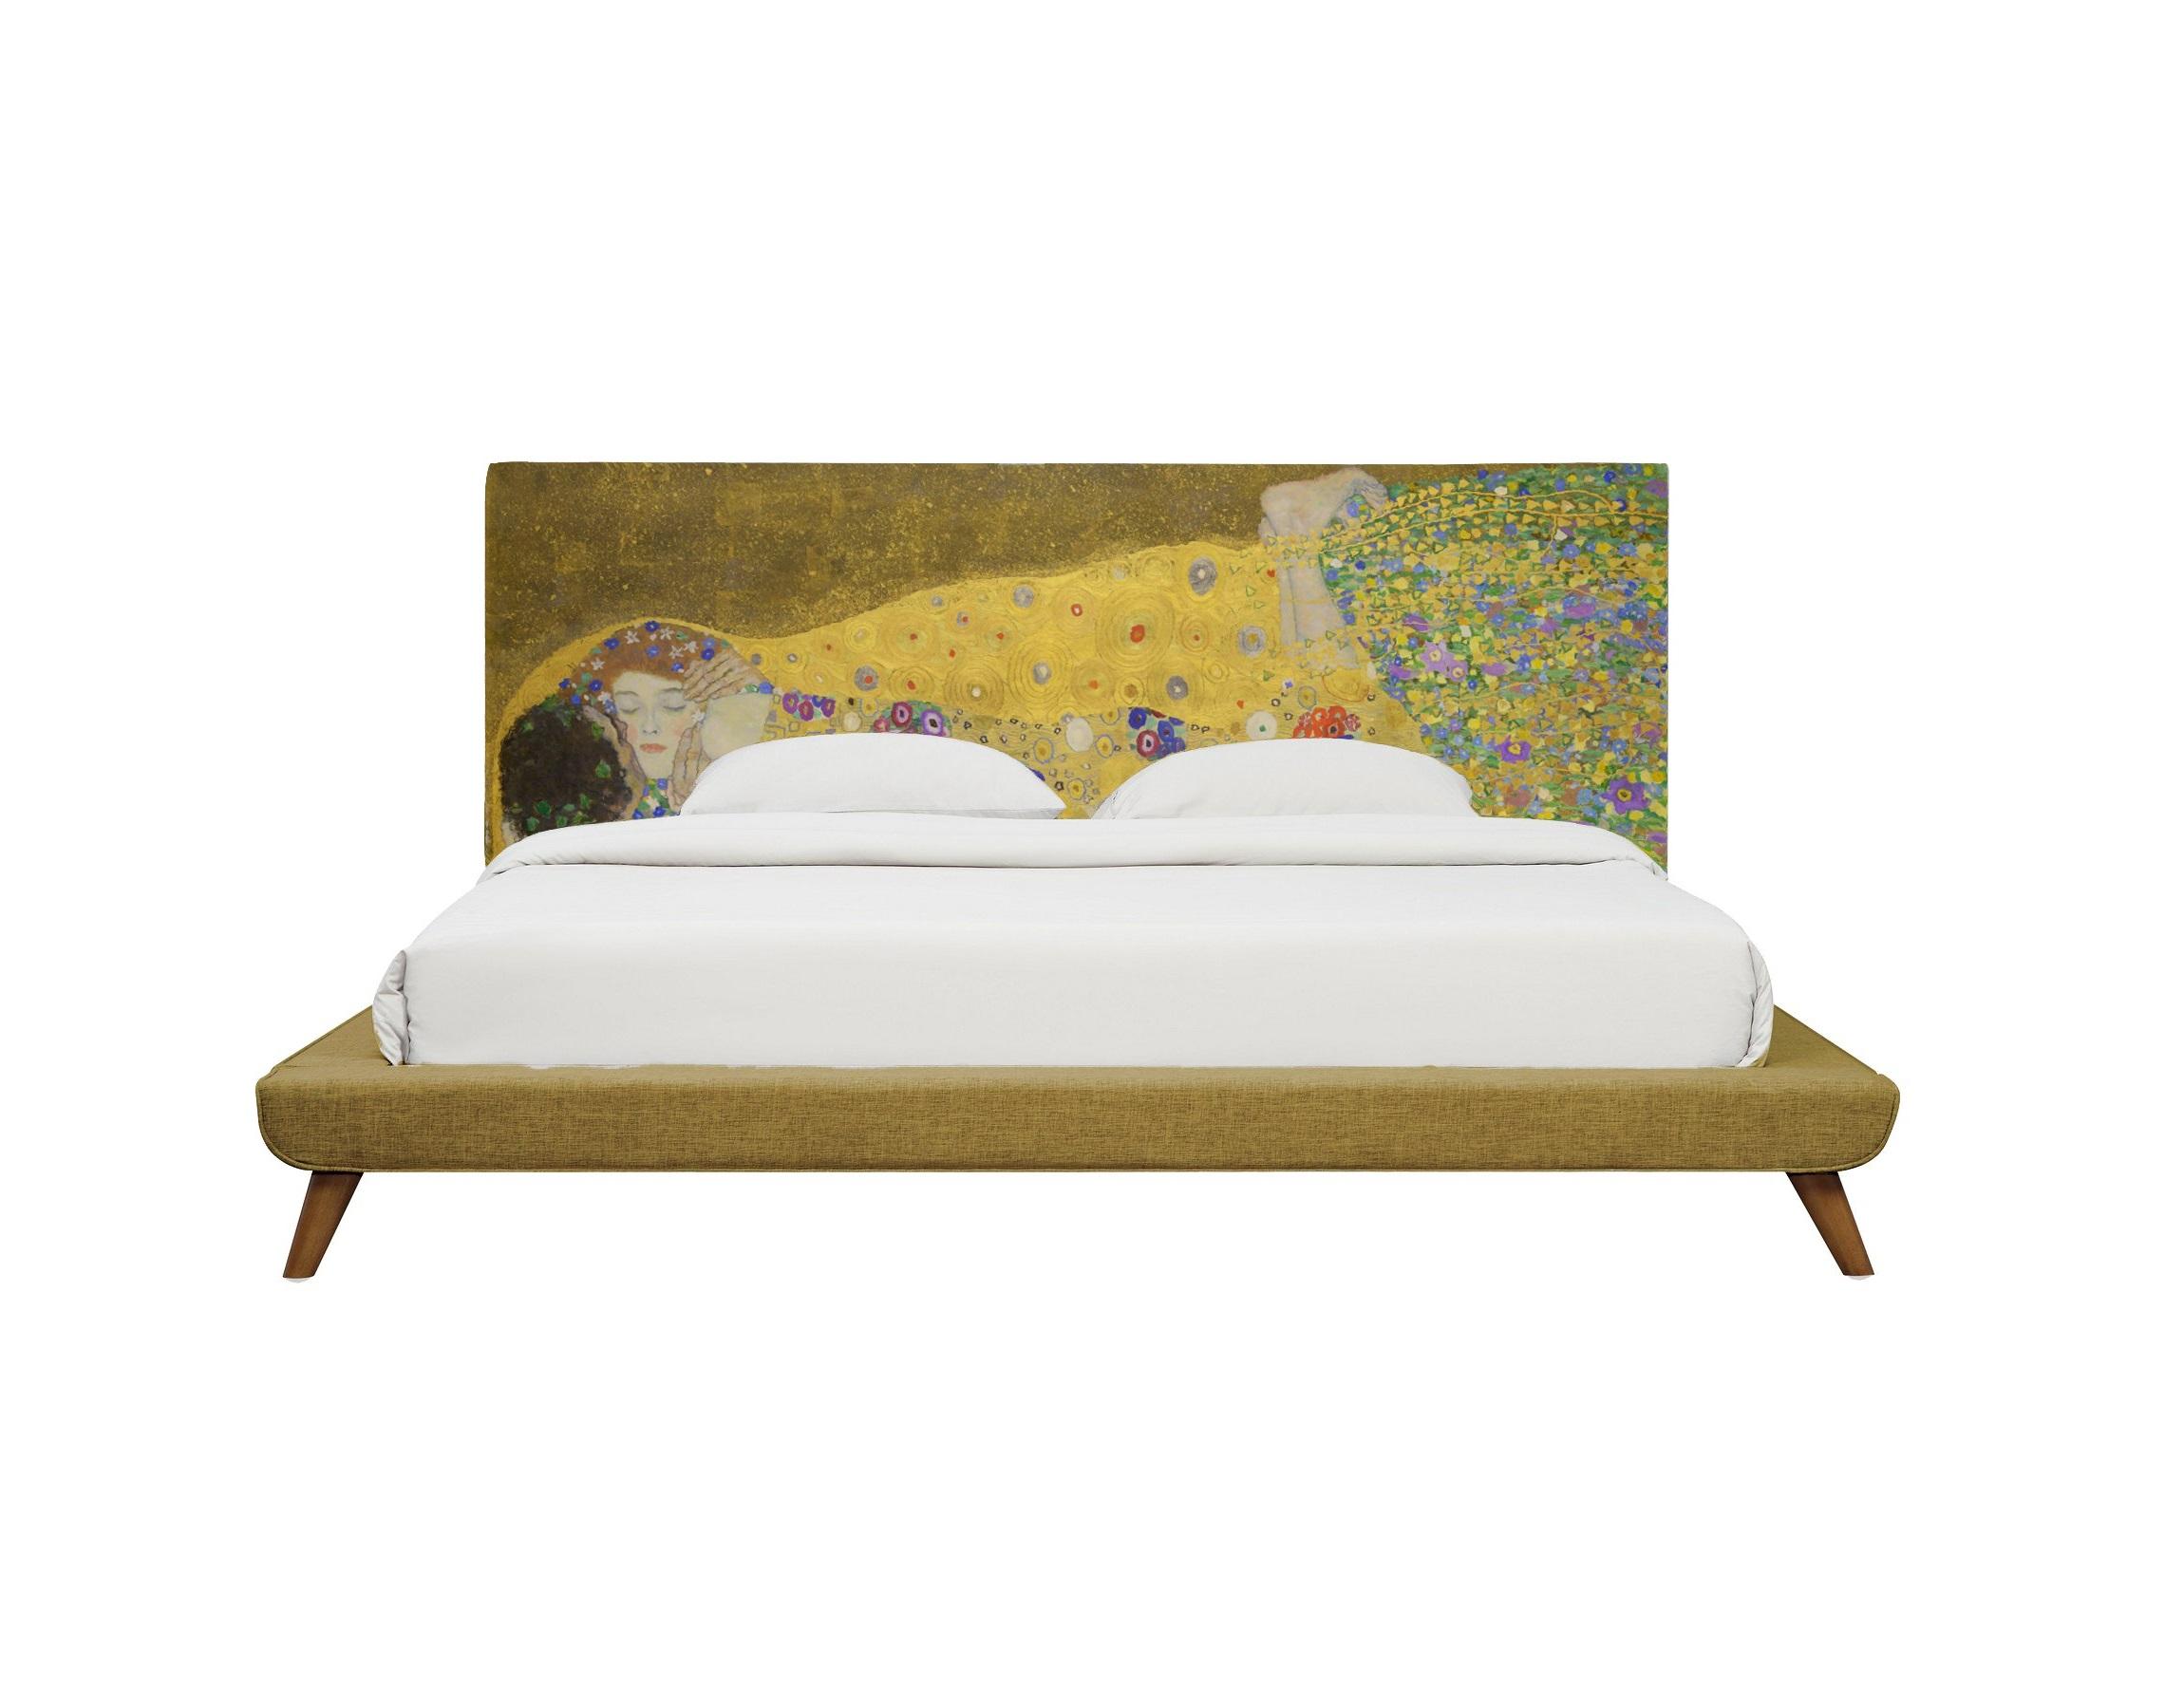 Кровать The KissДеревянные кровати<br>На скале, на краю цветочной поляны, в золотой ауре, стоят полностью погружённые друг в друга, отгороженные от всего мира влюблённые.           «Поцелуй» — картина австрийского художника Густава Климта, написанная в 1907—1908 годах.&amp;lt;div&amp;gt;&amp;lt;br&amp;gt;&amp;lt;div&amp;gt;Произведено из экологически чистых материалов. Модель представлена в ткани микровелюр – мягкий, бархатистый материал, широко используемый в качестве обивки для мебели. <br>Обладает целым рядом замечательных свойств: отлично пропускает воздух, отталкивает пыль и долго сохраняет изначальный цвет, не протираясь и не выцветая. <br>Высокие эксплуатационные свойства в сочетании с превосходным дизайном обеспечили микровелюру большую популярность.<br><br><br>По желанию возможность выбрать ткань из других коллекций.<br>Гарантия от производителя 1 год.&amp;lt;/div&amp;gt;&amp;lt;div&amp;gt;&amp;lt;br&amp;gt;&amp;lt;/div&amp;gt;&amp;lt;div&amp;gt;Размеры спального места:<br><br>160*200 - представлено<br>180*200 <br>200*200&amp;amp;nbsp;&amp;lt;/div&amp;gt;&amp;lt;div&amp;gt;Продукция изготавливается под заказ, стандартный срок производства 4-5 недель.<br>Более точную информацию уточняйте у менеджера.&amp;lt;/div&amp;gt;&amp;lt;/div&amp;gt;<br><br>Material: Текстиль<br>Ширина см: 180<br>Высота см: 120<br>Глубина см: 220